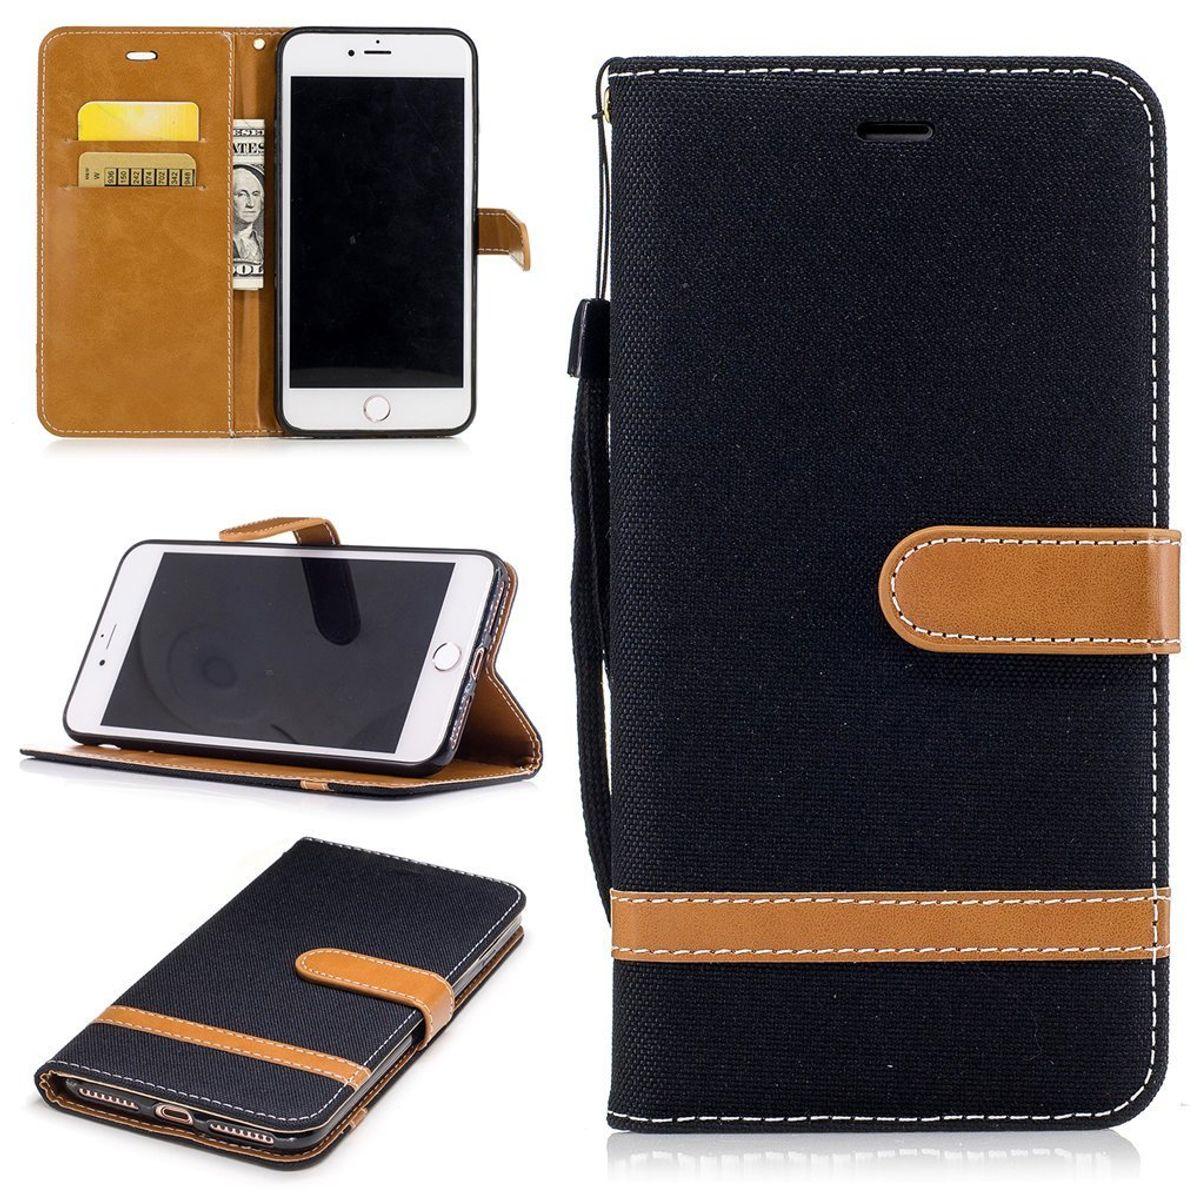 Tasche für Apple iPhone 8 Plus Jeans Cover Handy Schutz Hülle Case Schwarz